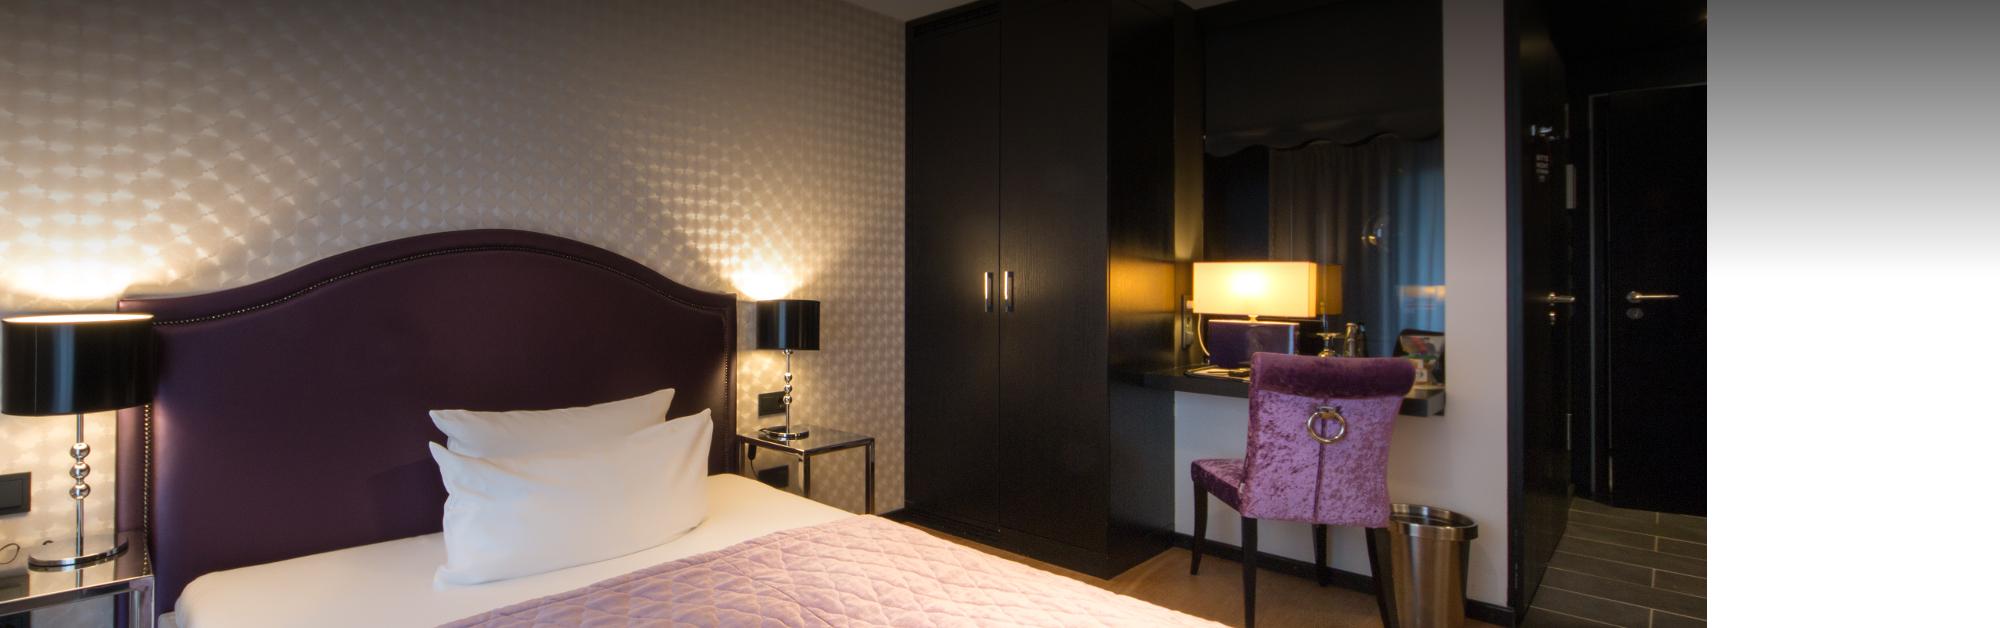 rooms-011.jpg